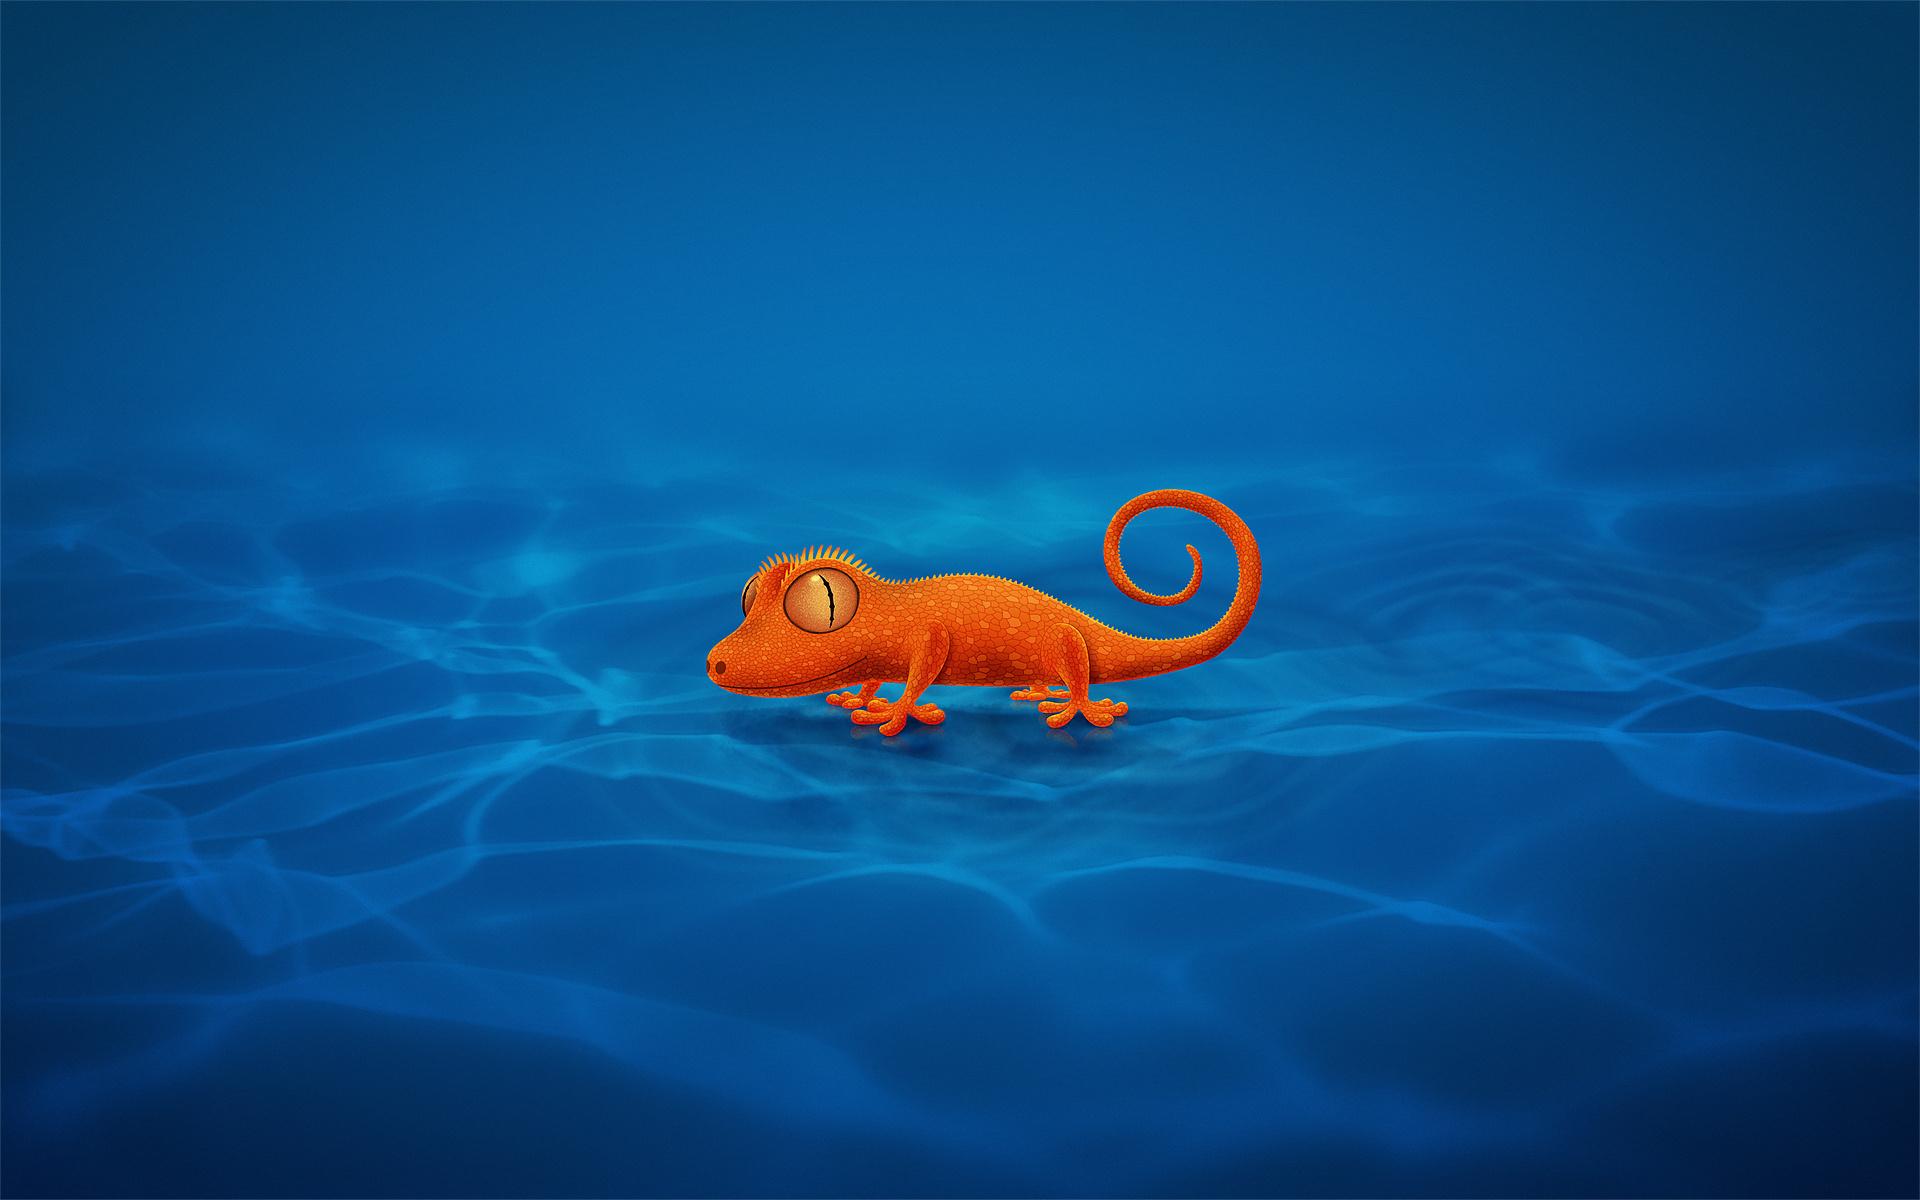 Картинка: Ящерица, оранжевая, синие волны